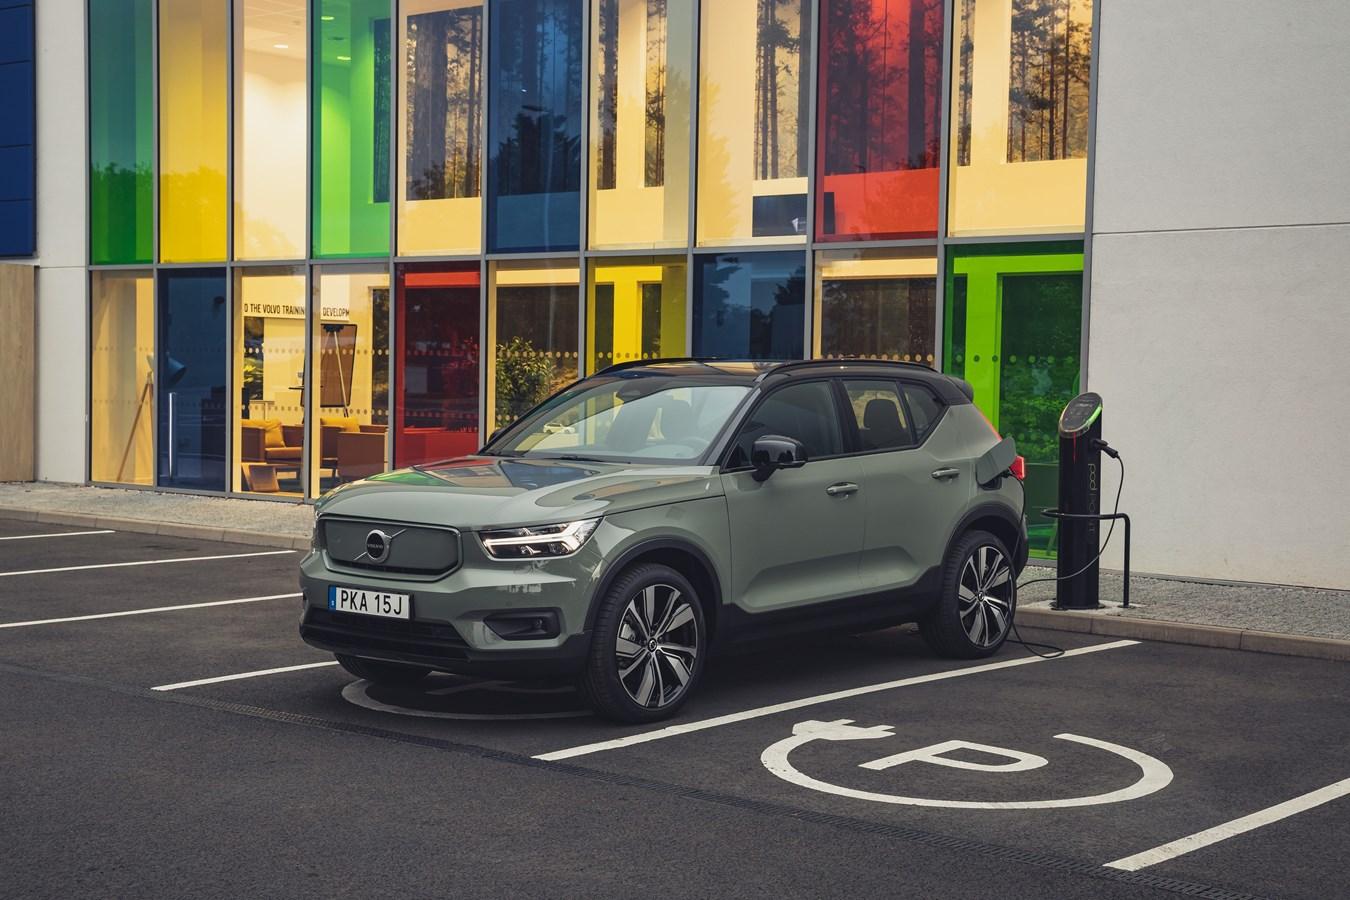 Volvo Schweiz kooperiert mit PubliBike – für Mobilität ohne CO2-Emission